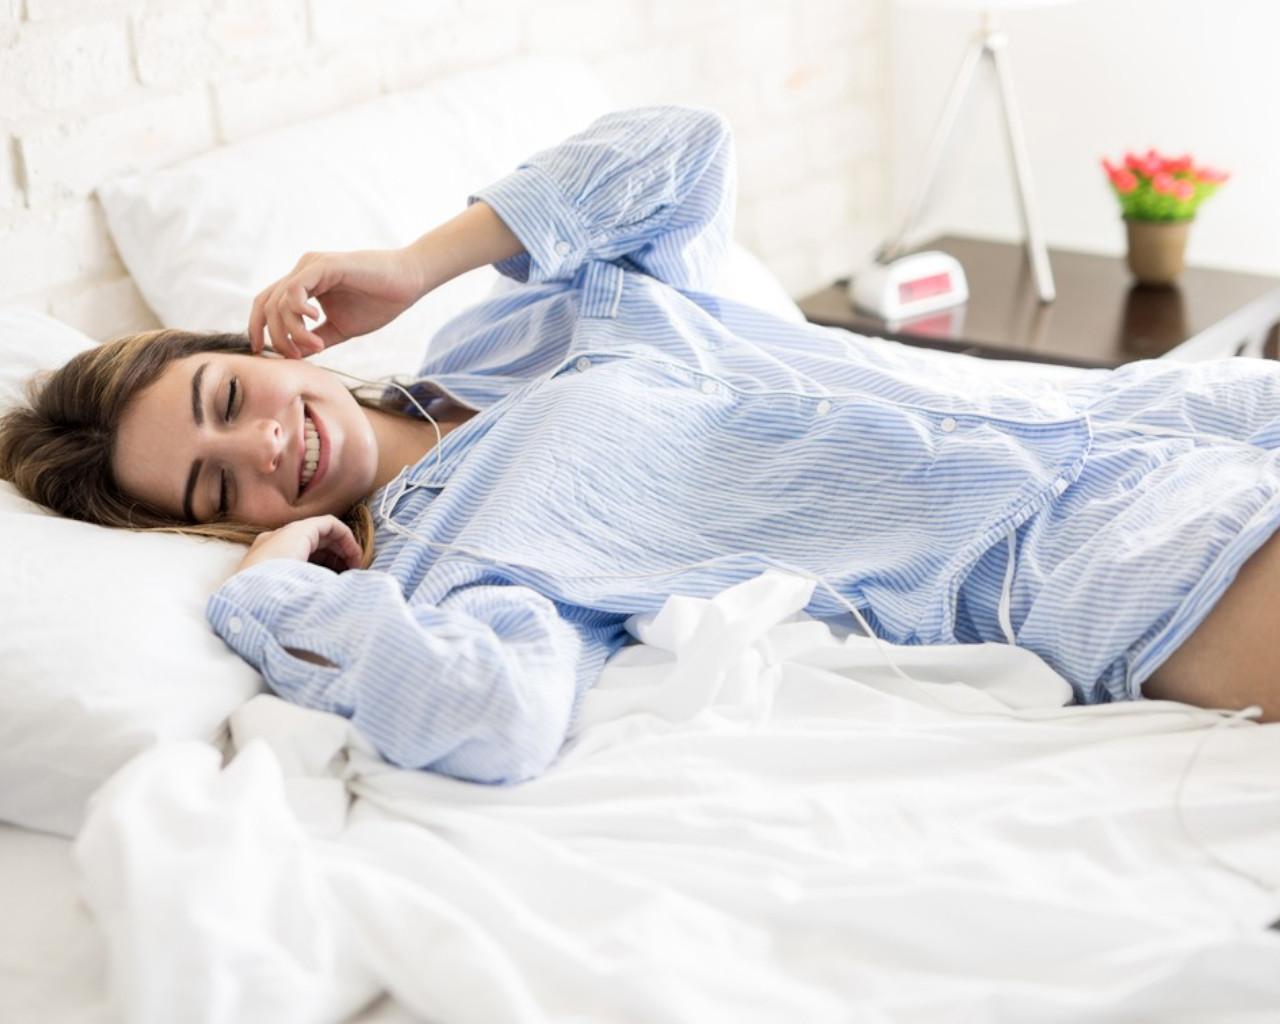 πρωινο ξυπνημα,πρωινο ξυπνημα οφελη,πρωινο ξυπνημα αγγλικα,πρωινο ξυπνημα τραγουδι,πρωινο ξυπνημα τραγουδια,πρωινο ξυπνημα big brother,πρωινο ξυπνημα εικονεσ,πρωινο ξυπνημα ταινια,πρωινο ξυπνημα αστεια